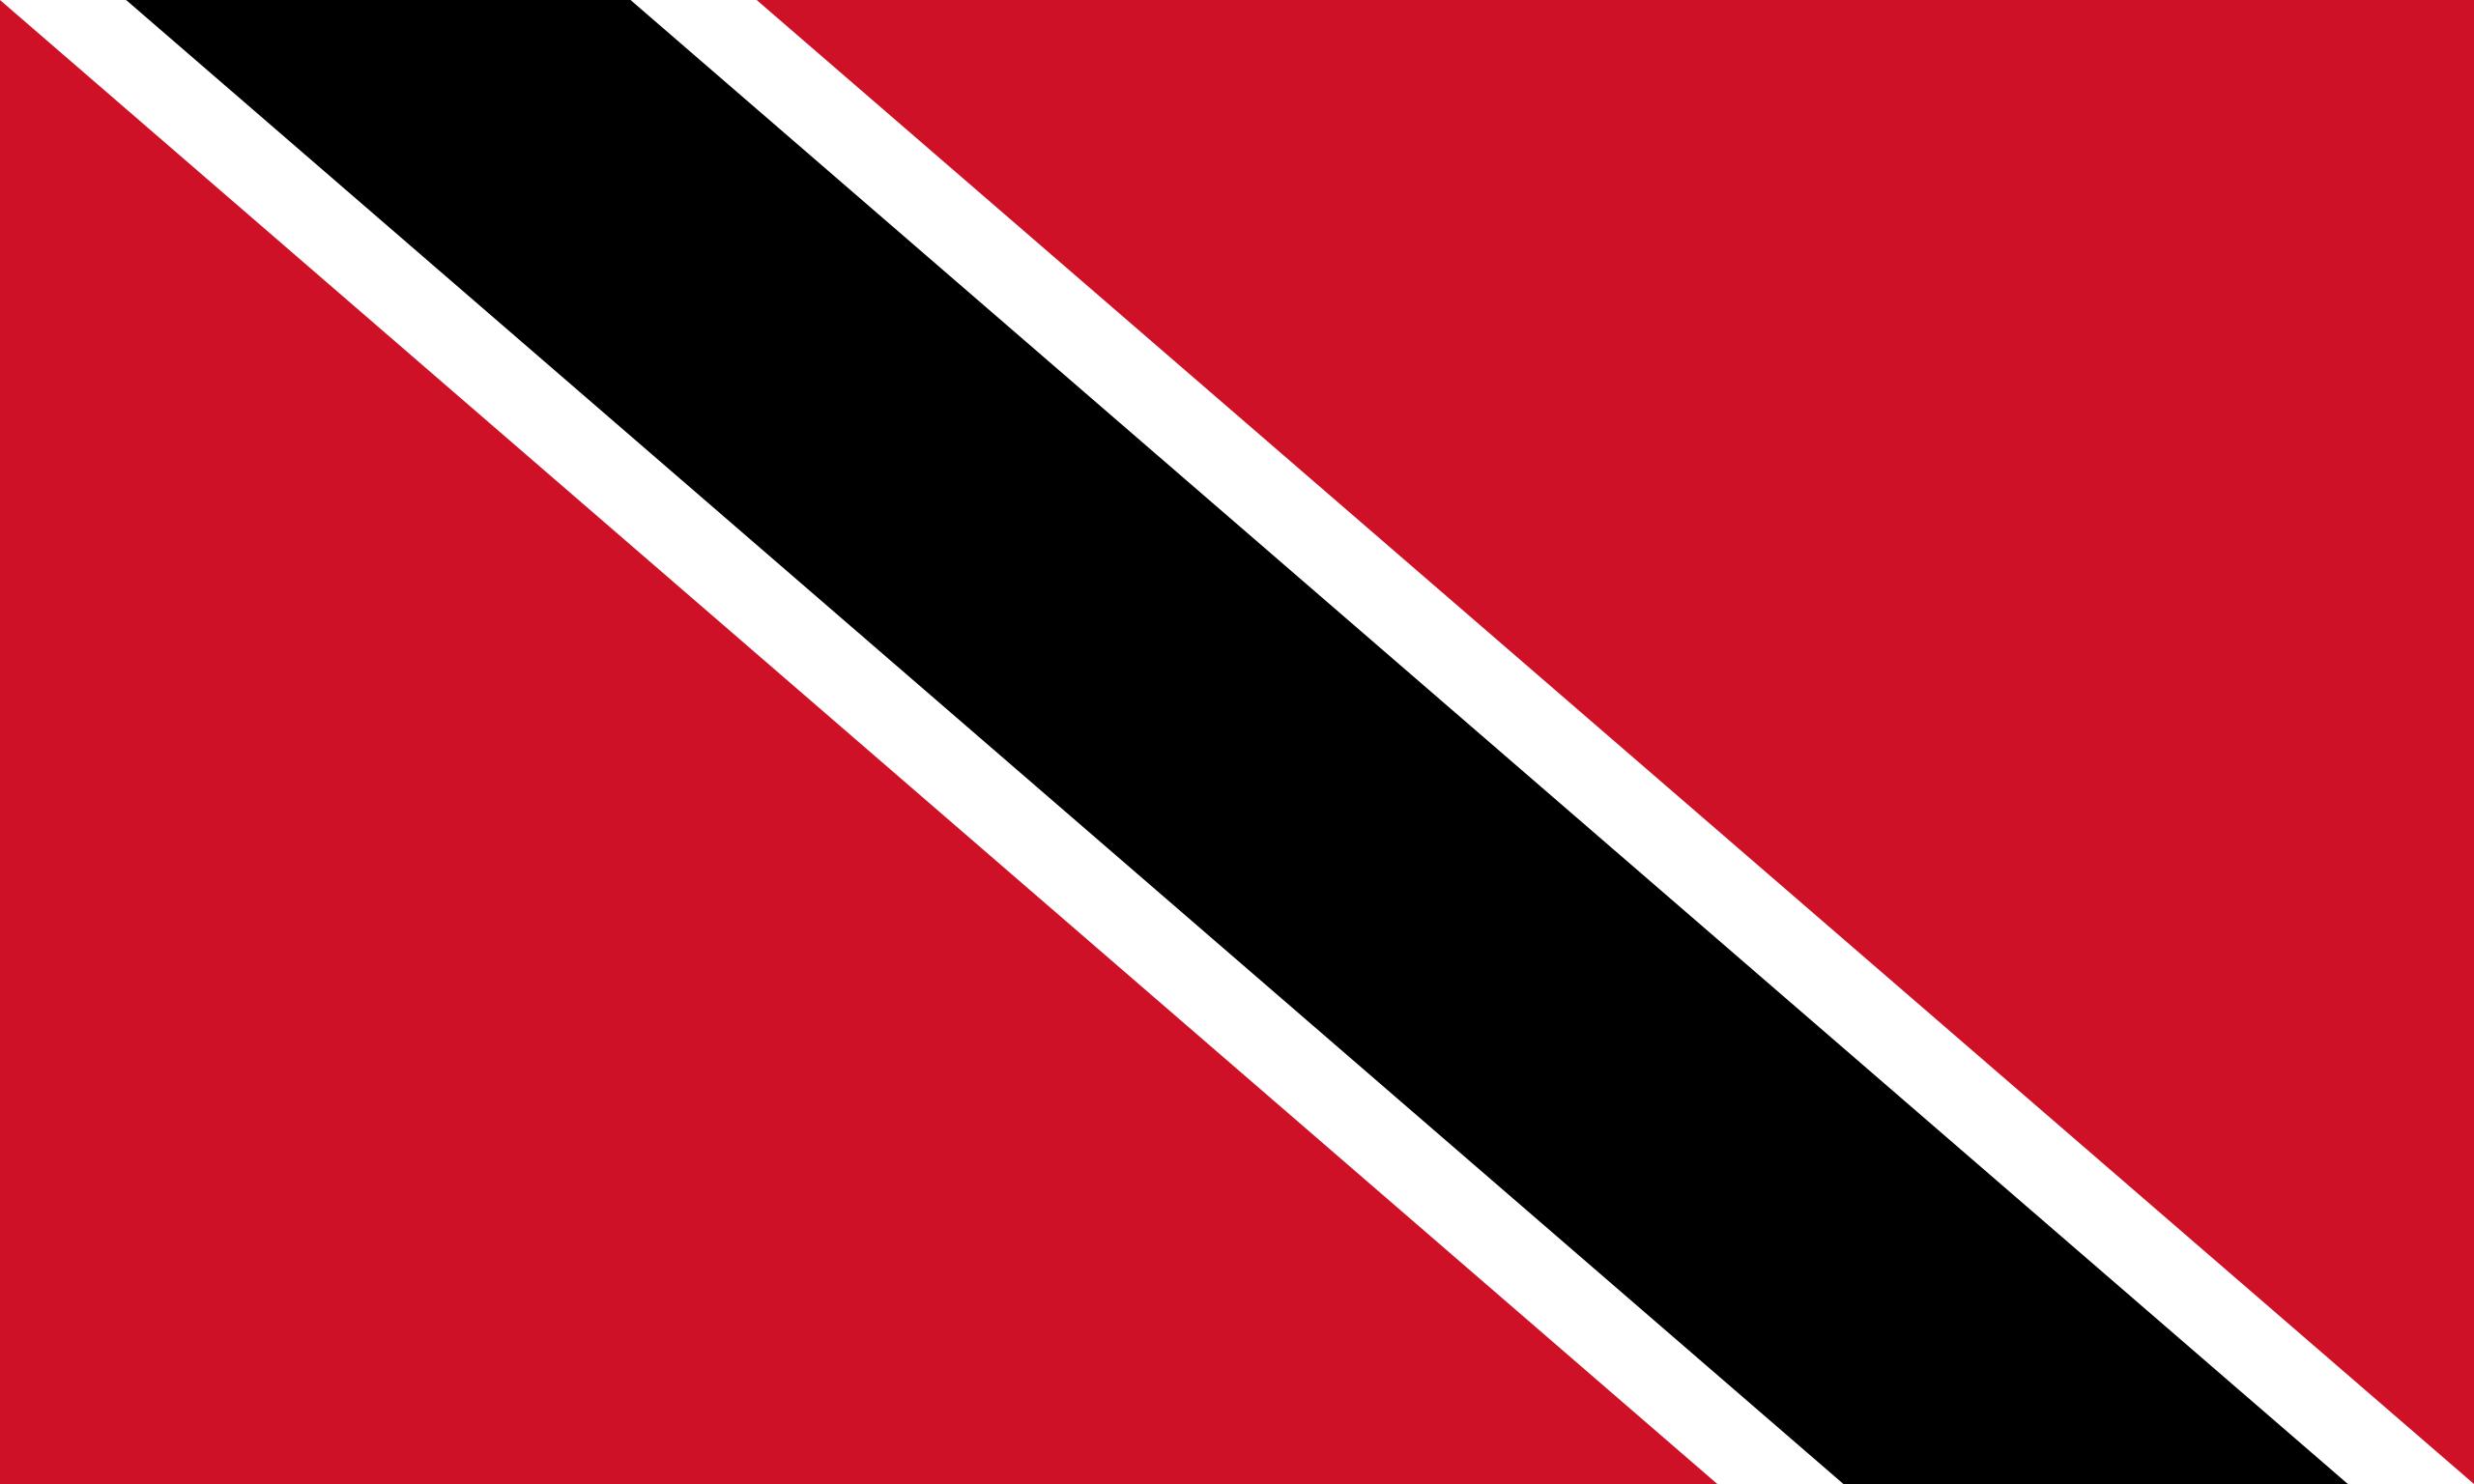 Le risque d'attaque terroriste est-il toujours élevé à Trinidad et Tobago?